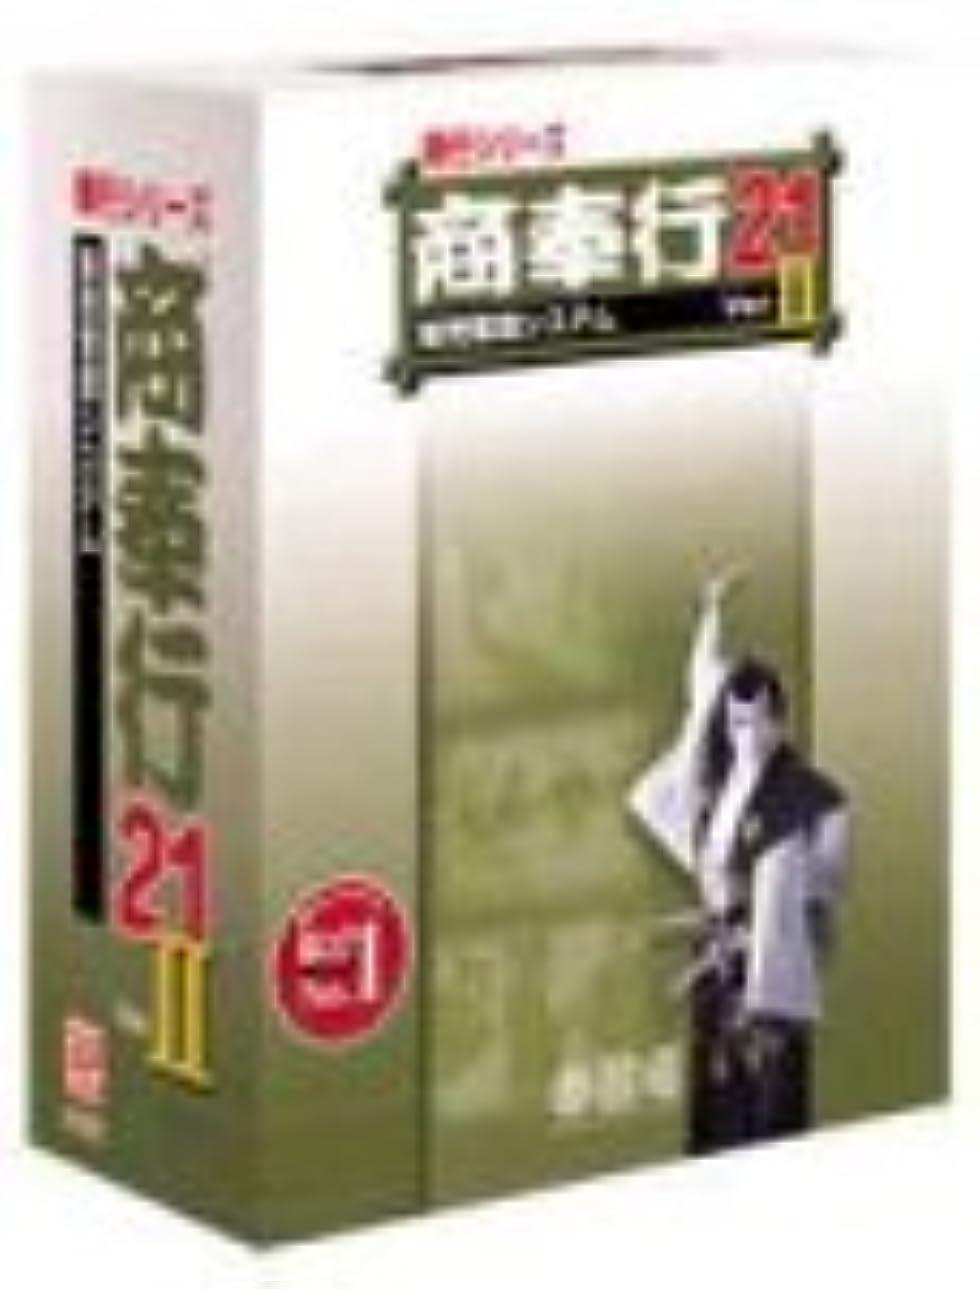 繊毛カメエスカレーター商奉行 21 Ver.2 ProSuperシステム